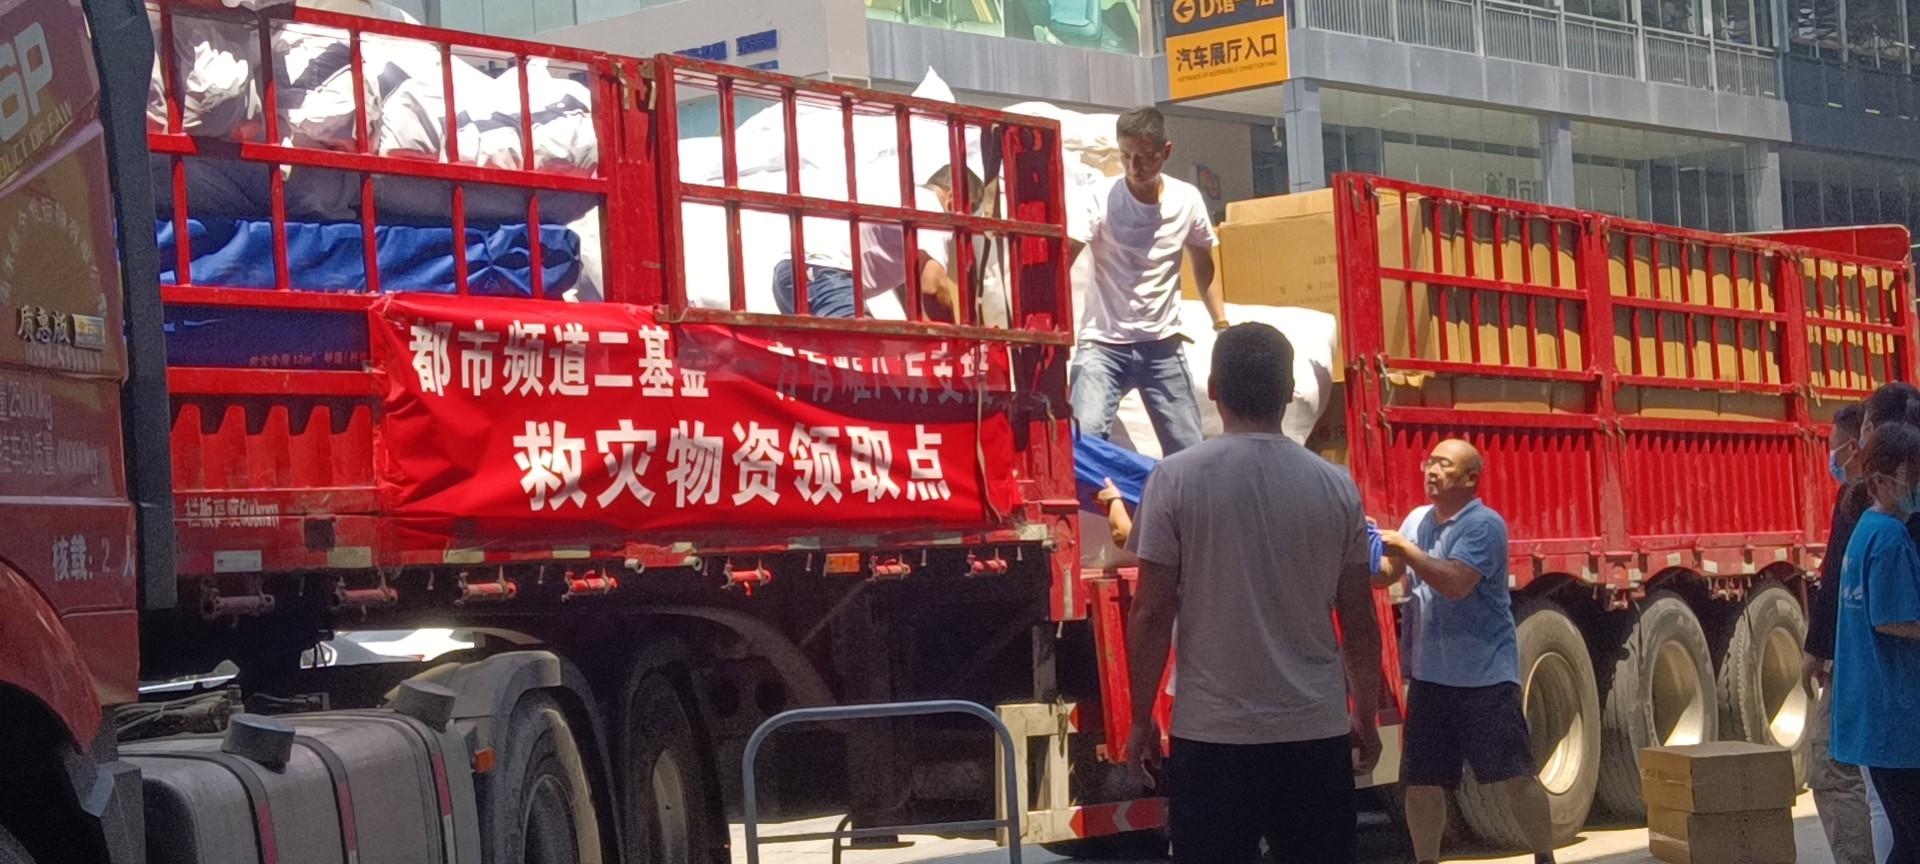 风「豫」同舟,唐笑为河南灾区捐赠100万急需物资